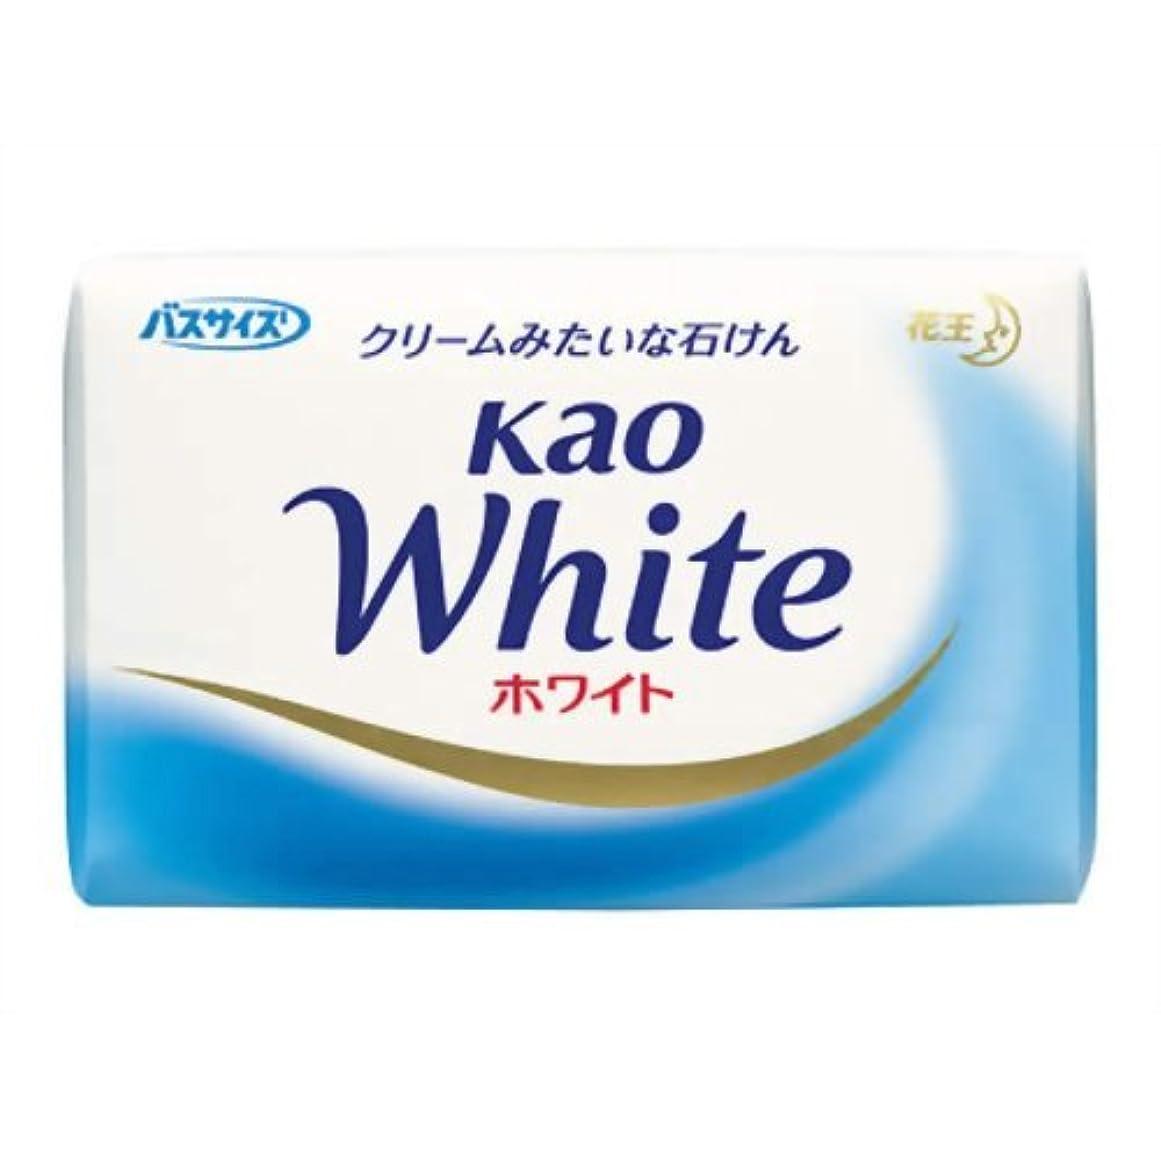 締め切りファンドクリア花王ホワイト バスサイズ